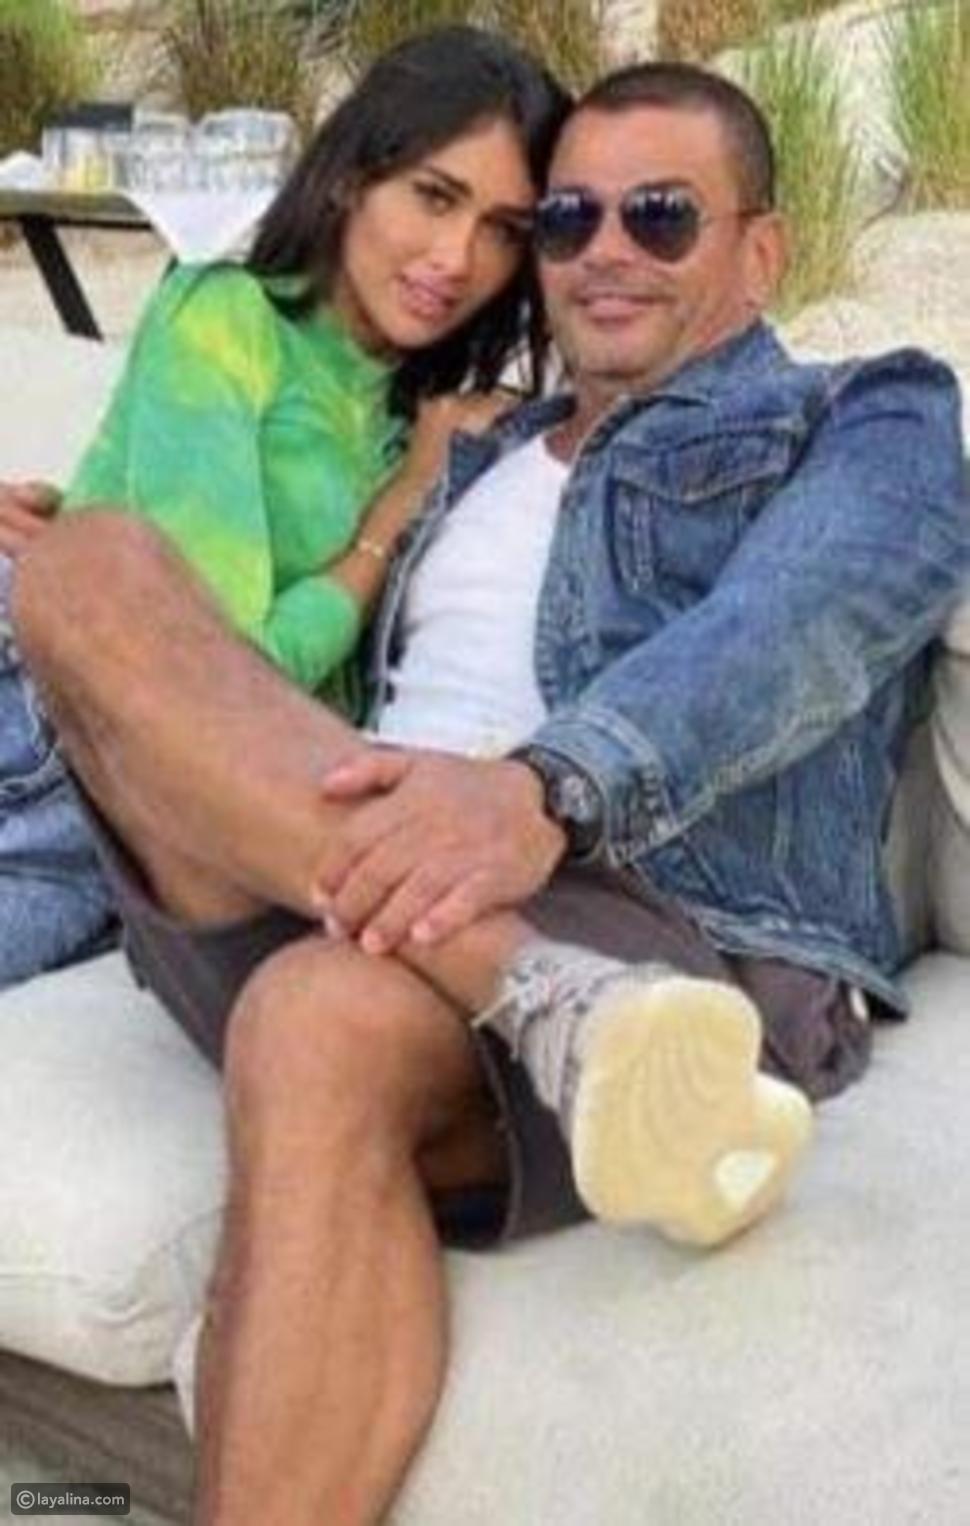 عمرو دياب يثير الجدل بصوره مع هذه الفتاة: فهل يعيش قصة حب جديدة!